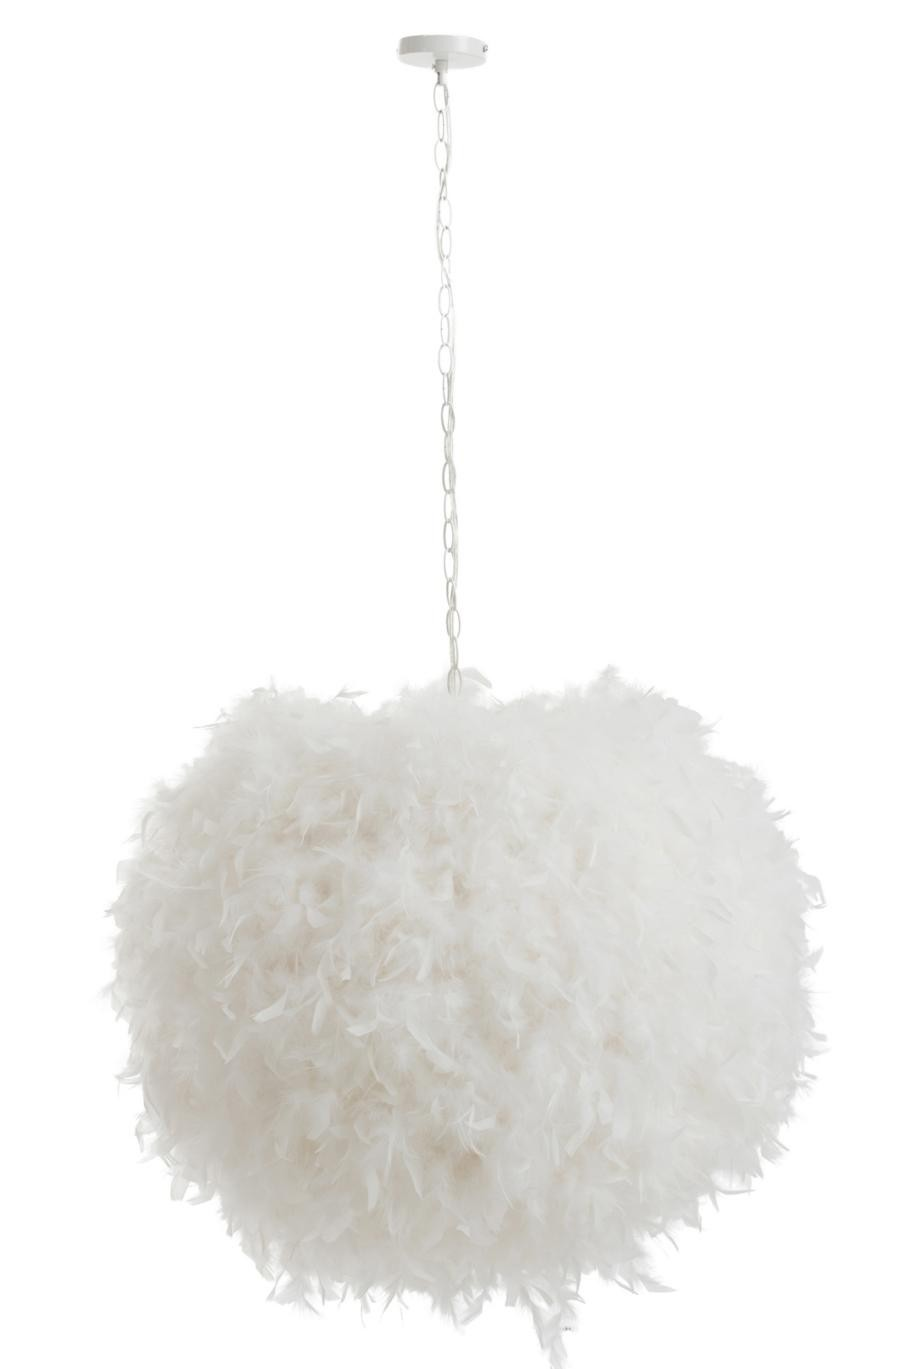 Boule De Plume A Suspendre suspension boule de plumes blanches j-linejolipa jl-85758